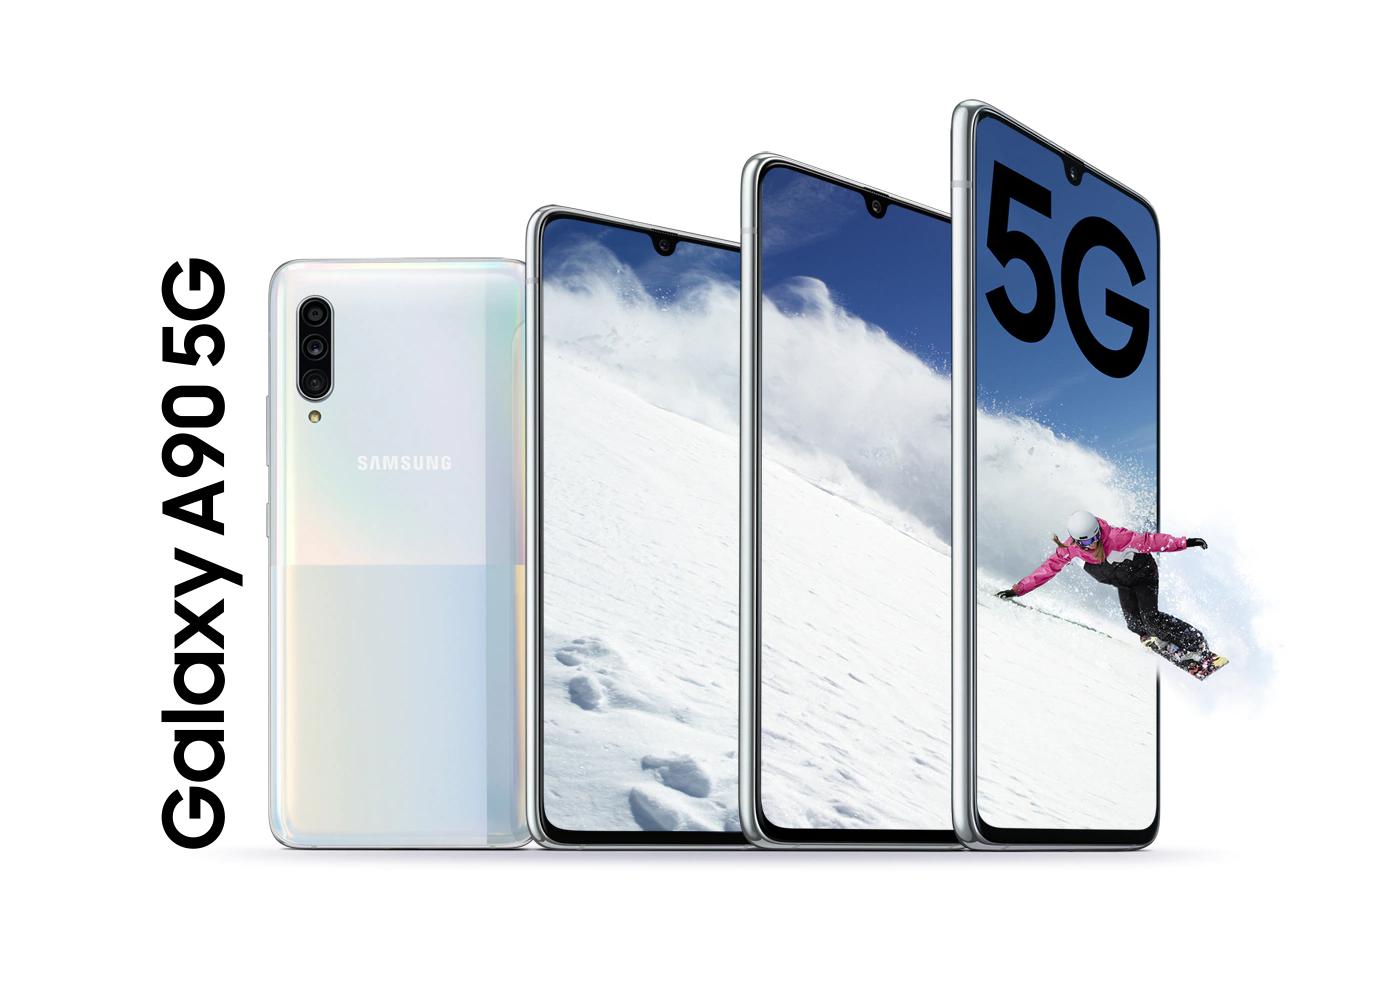 Galaxy A90 5G può essere acquistato ufficialmente in Italia. Lo smartphone 5G di Samsung con processore Qualcomm